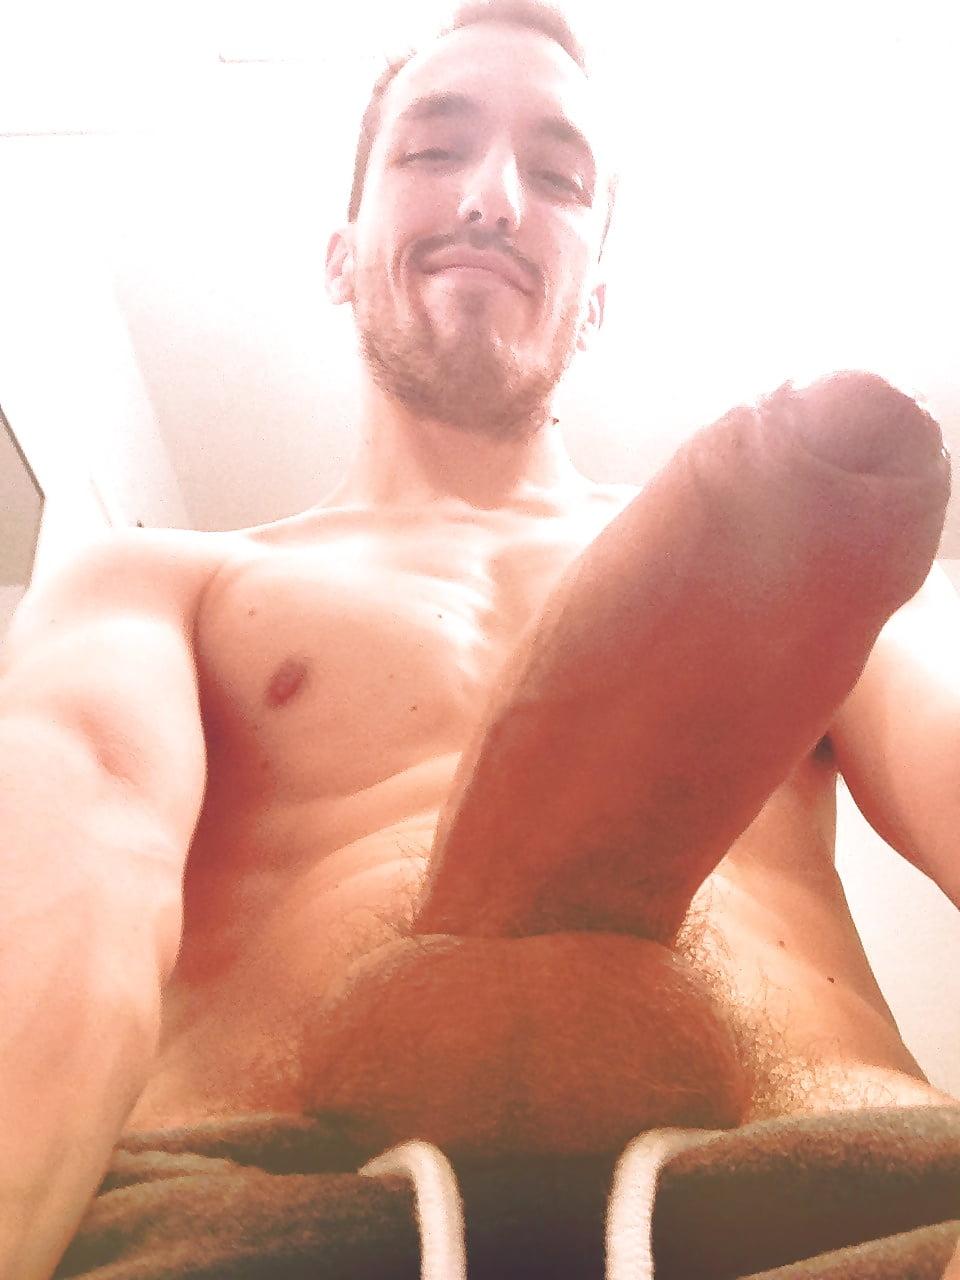 pics Big gay dicks